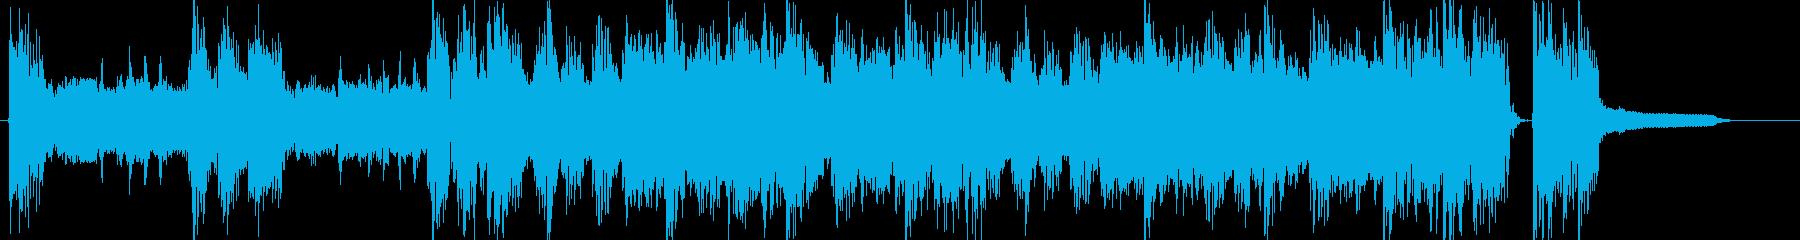 CMロック出囃子オープニング登場BGMの再生済みの波形